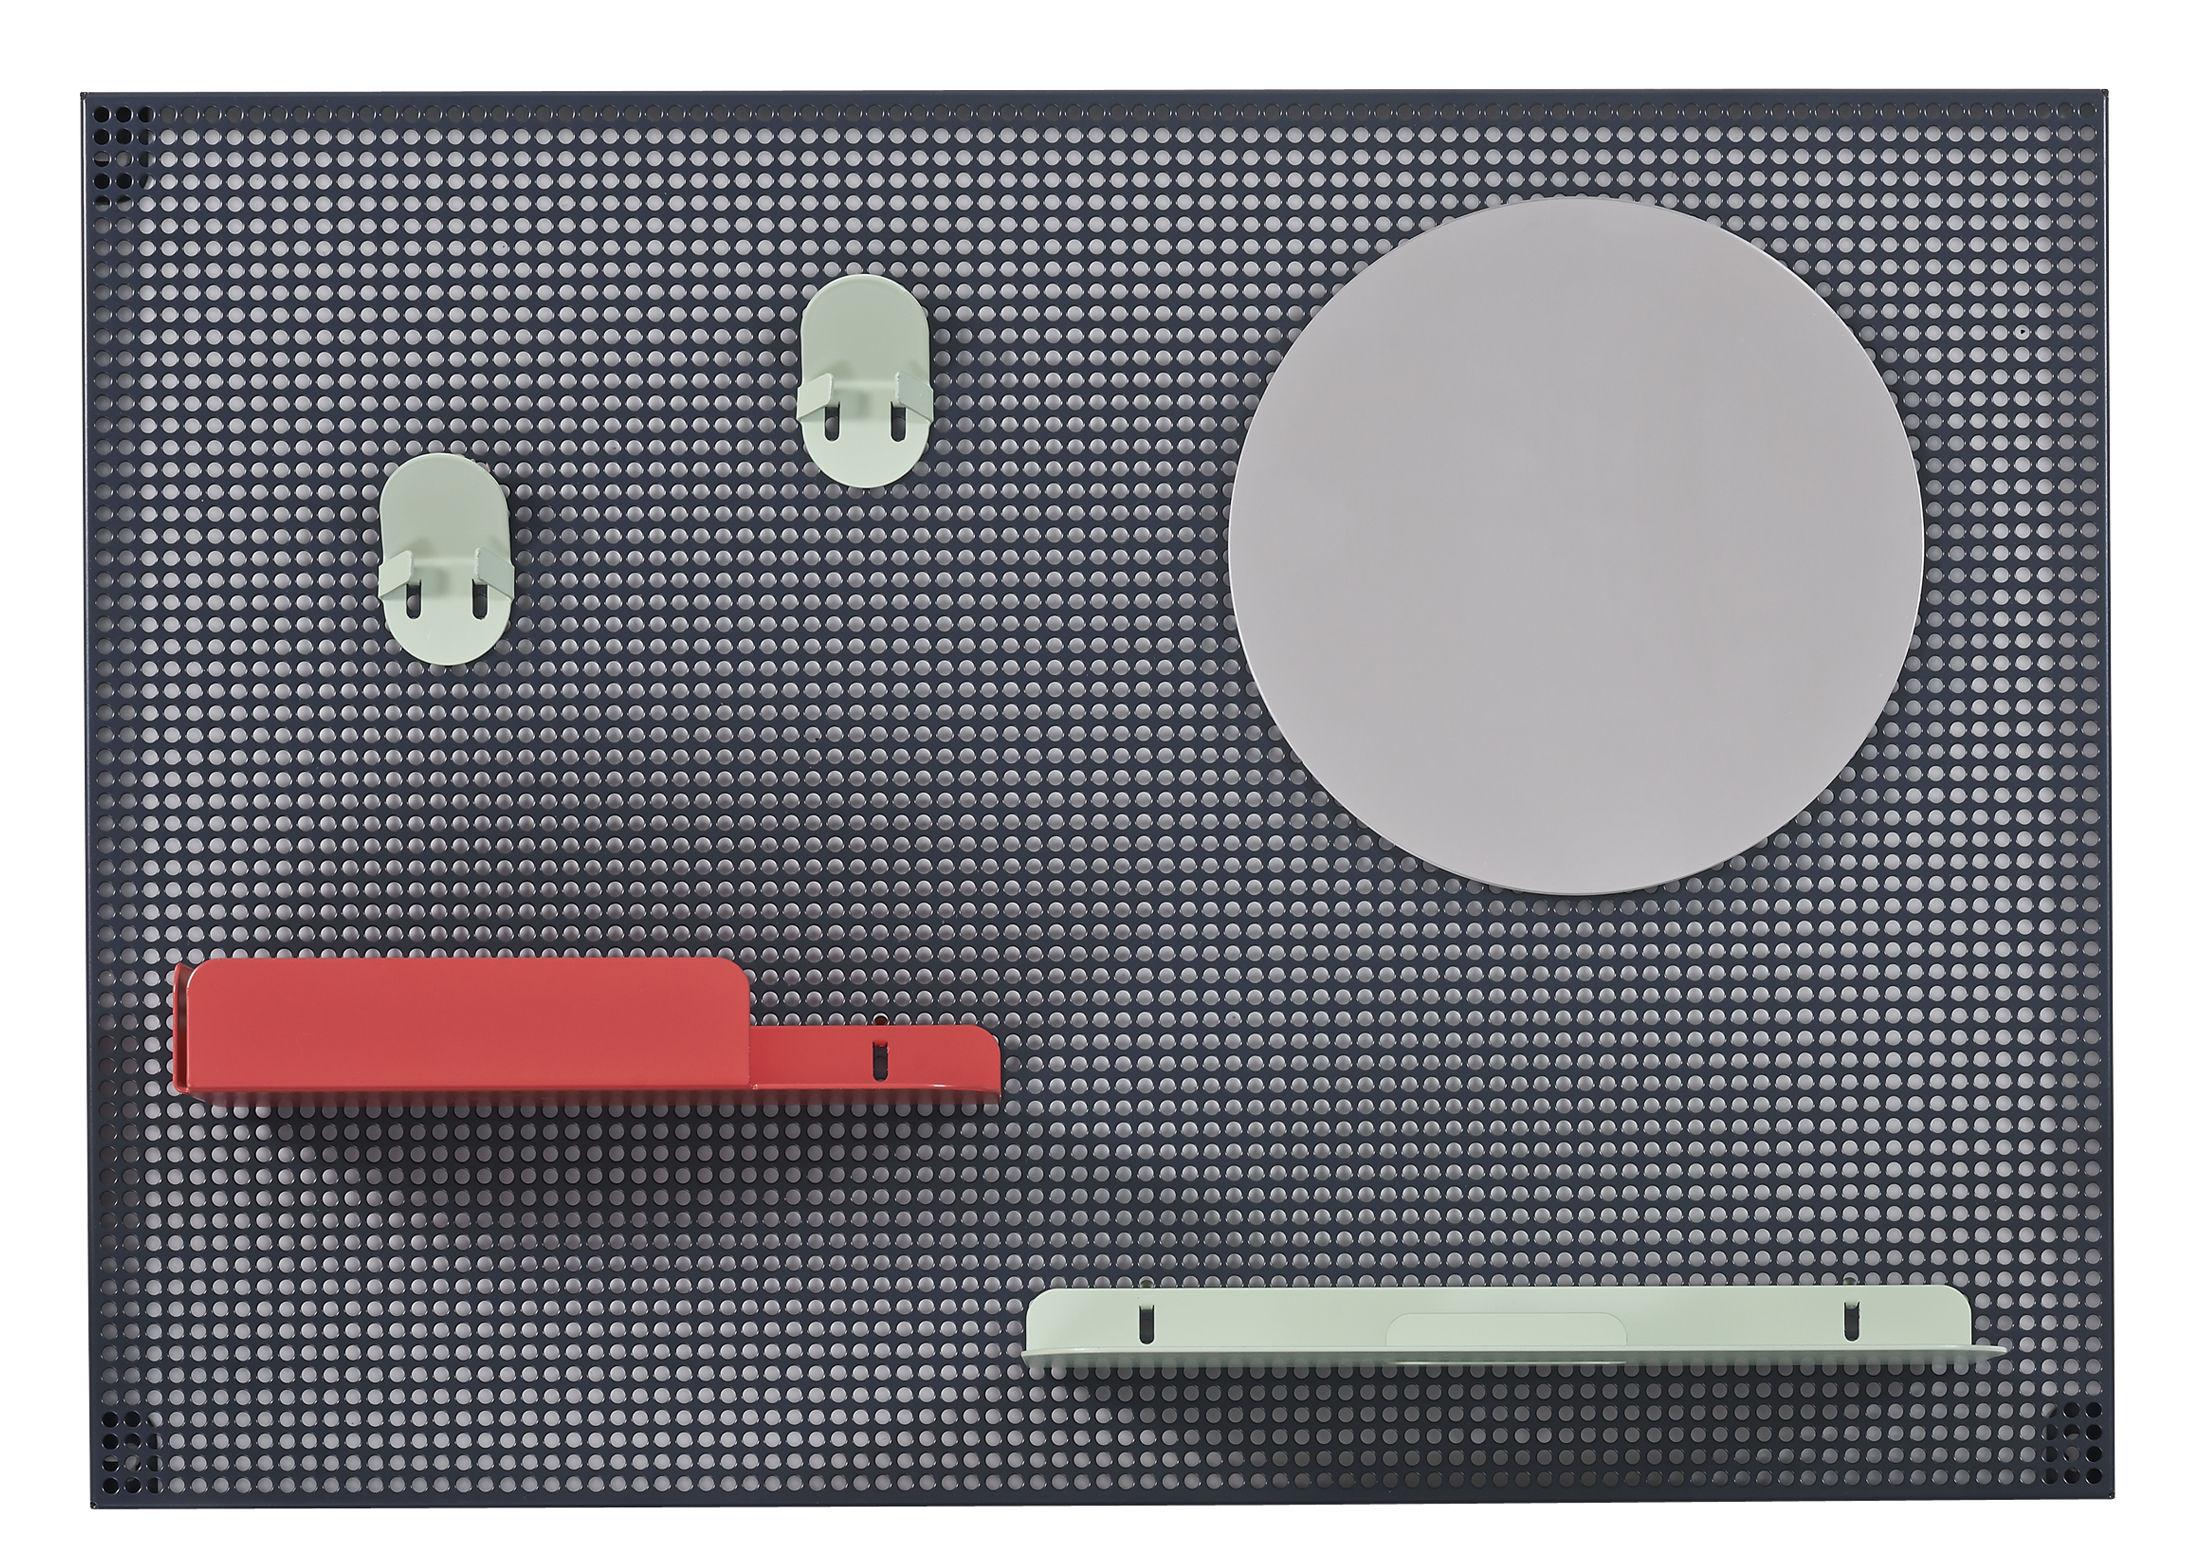 Arredamento - Raccoglitori - Portaoggetti da parete Alfred / 65 x 45 cm - Hartô - Grigio scuro / Rosso fragola & verde pastello - Acciaio perforato, metallo laccato